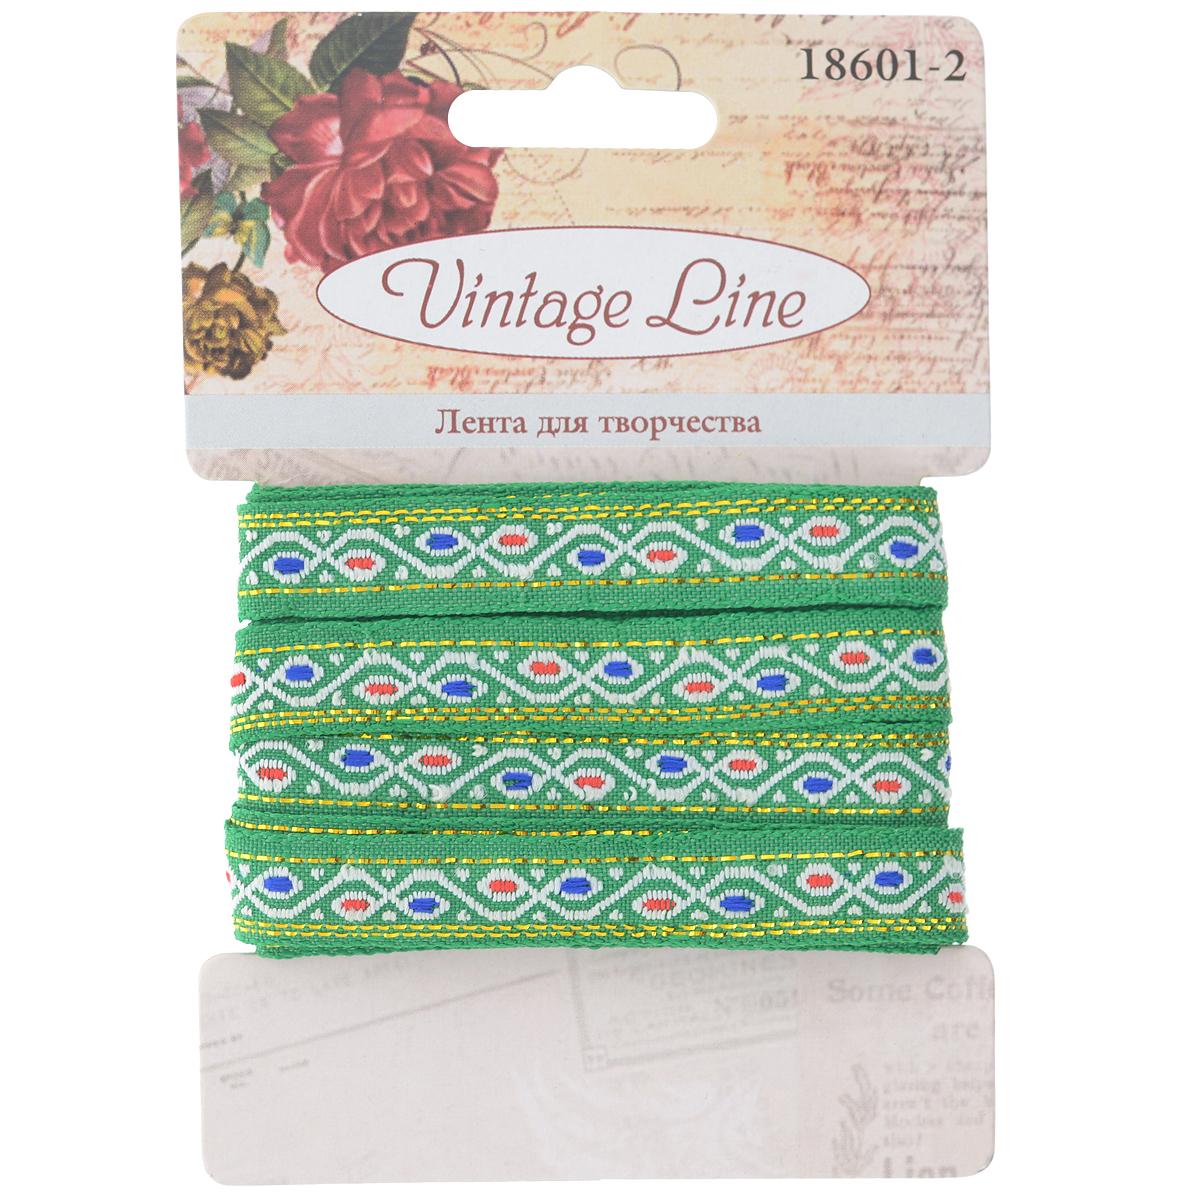 Лента декоративная Vintage Line, цвет: зеленый, 1 х 200 см7709650Декоративная лента Vintage Line выполнена из текстиля и оформлена оригинальным узором. Такая лента идеально подойдет для оформления различных творческих работ таких, как скрапбукинг, аппликация, декор коробок и открыток и многое другое. Лента наивысшего качества практична в использовании. Она станет незаменимым элементом в создании рукотворного шедевра. Ширина: 1 см. Длина: 2 м.